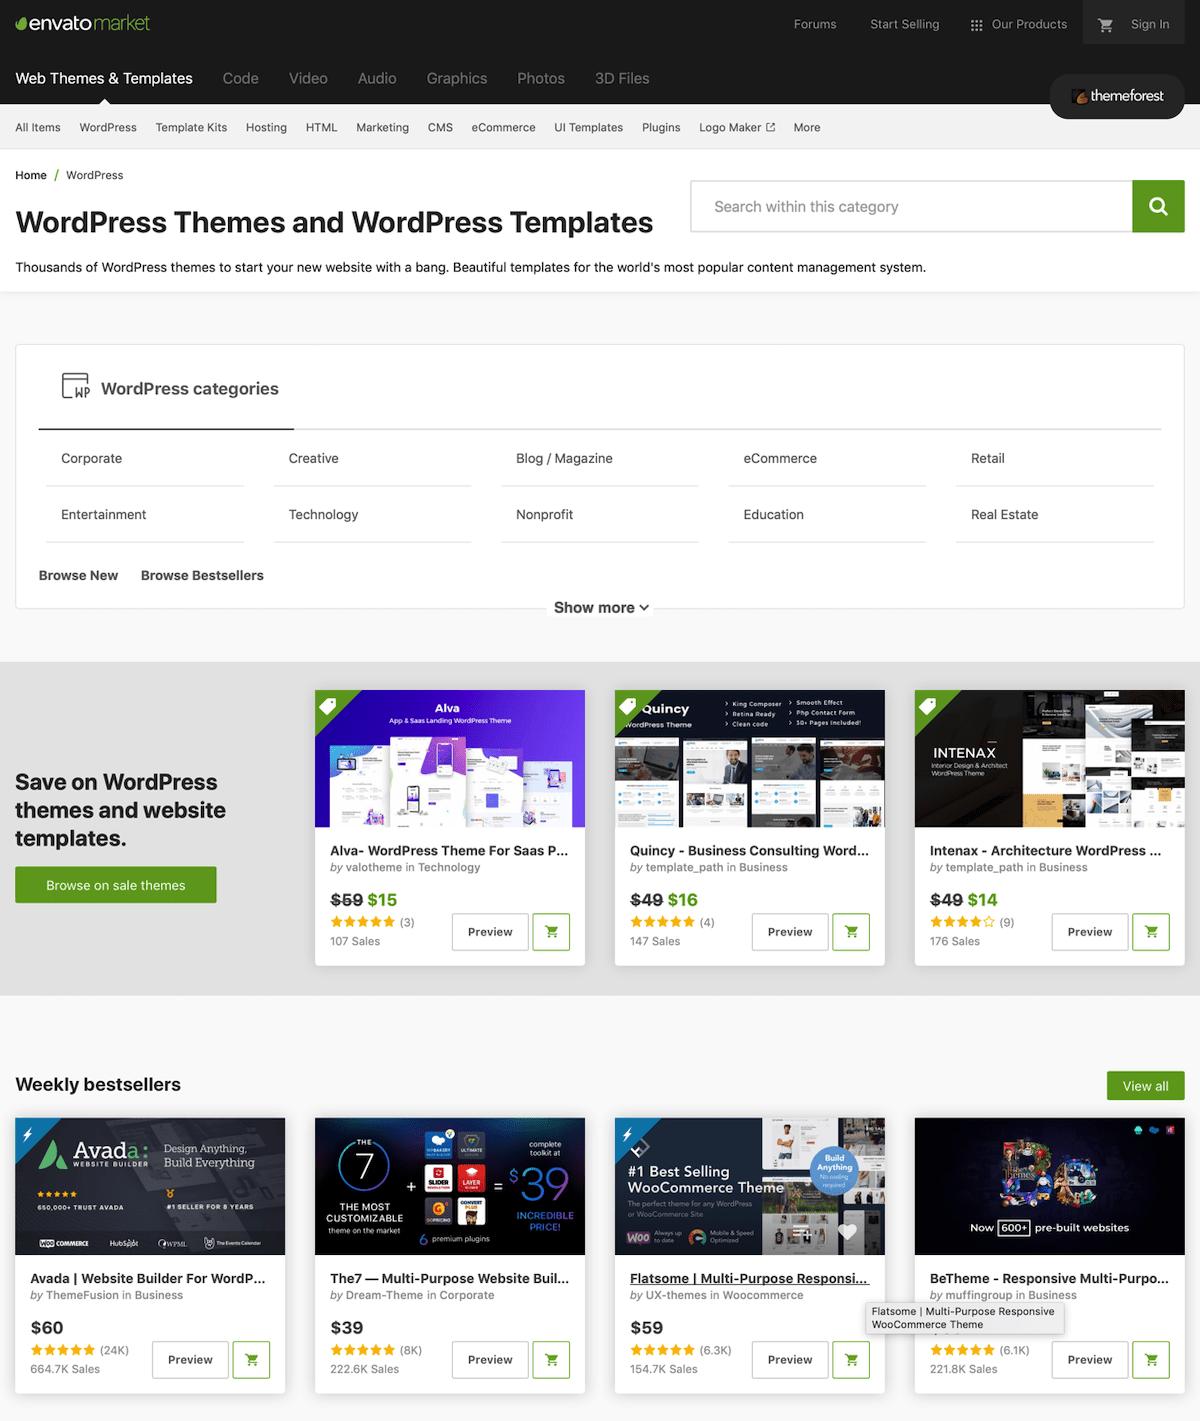 Themeforest place de marchés paropoasant des Thèmes, Templates WordPress payants